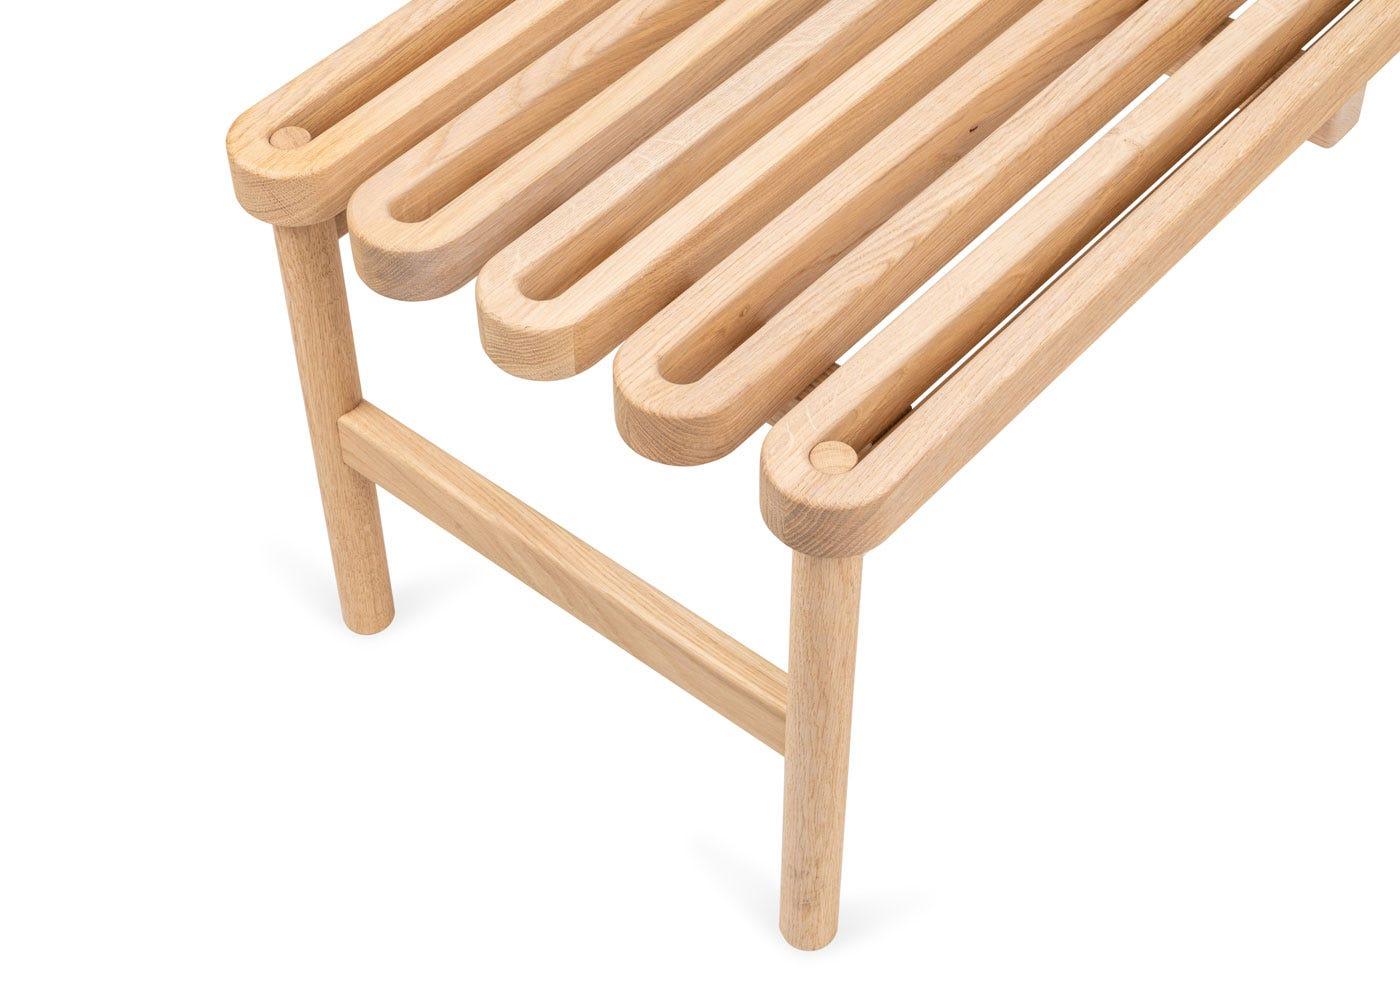 Solid oak bench top.